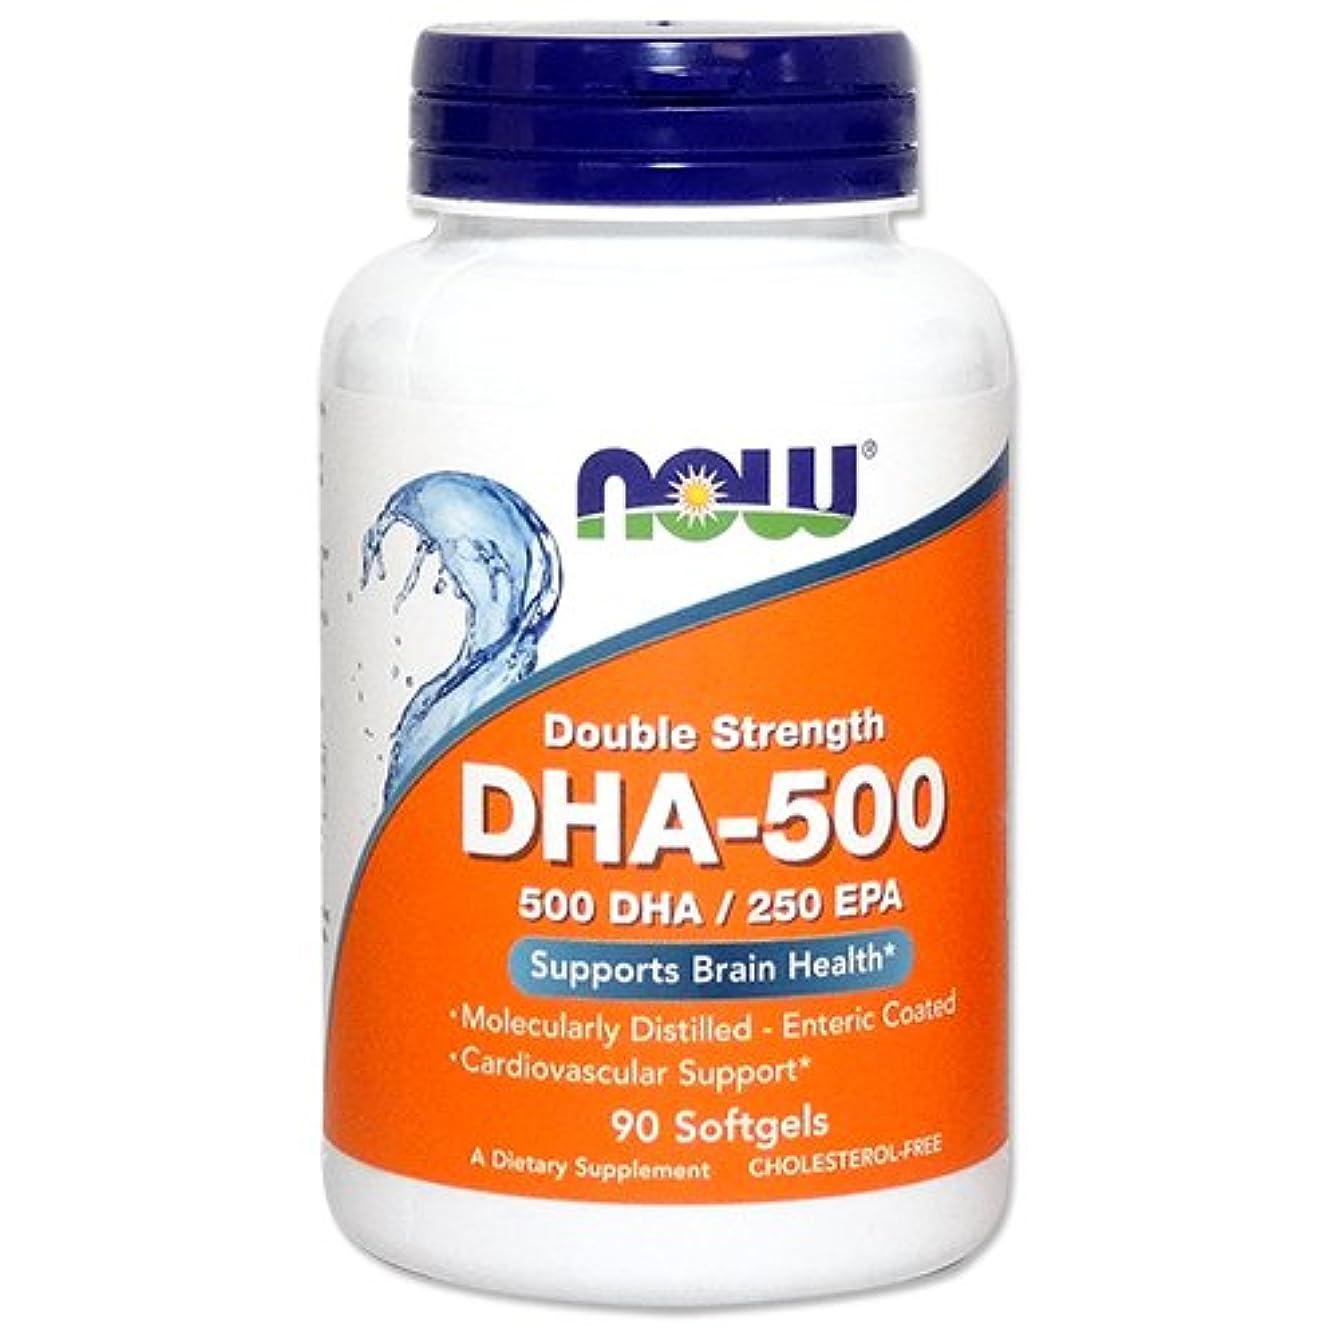 オーストラリア人お祝いオート[海外直送品] ナウフーズ   高含有DHA-500 90粒